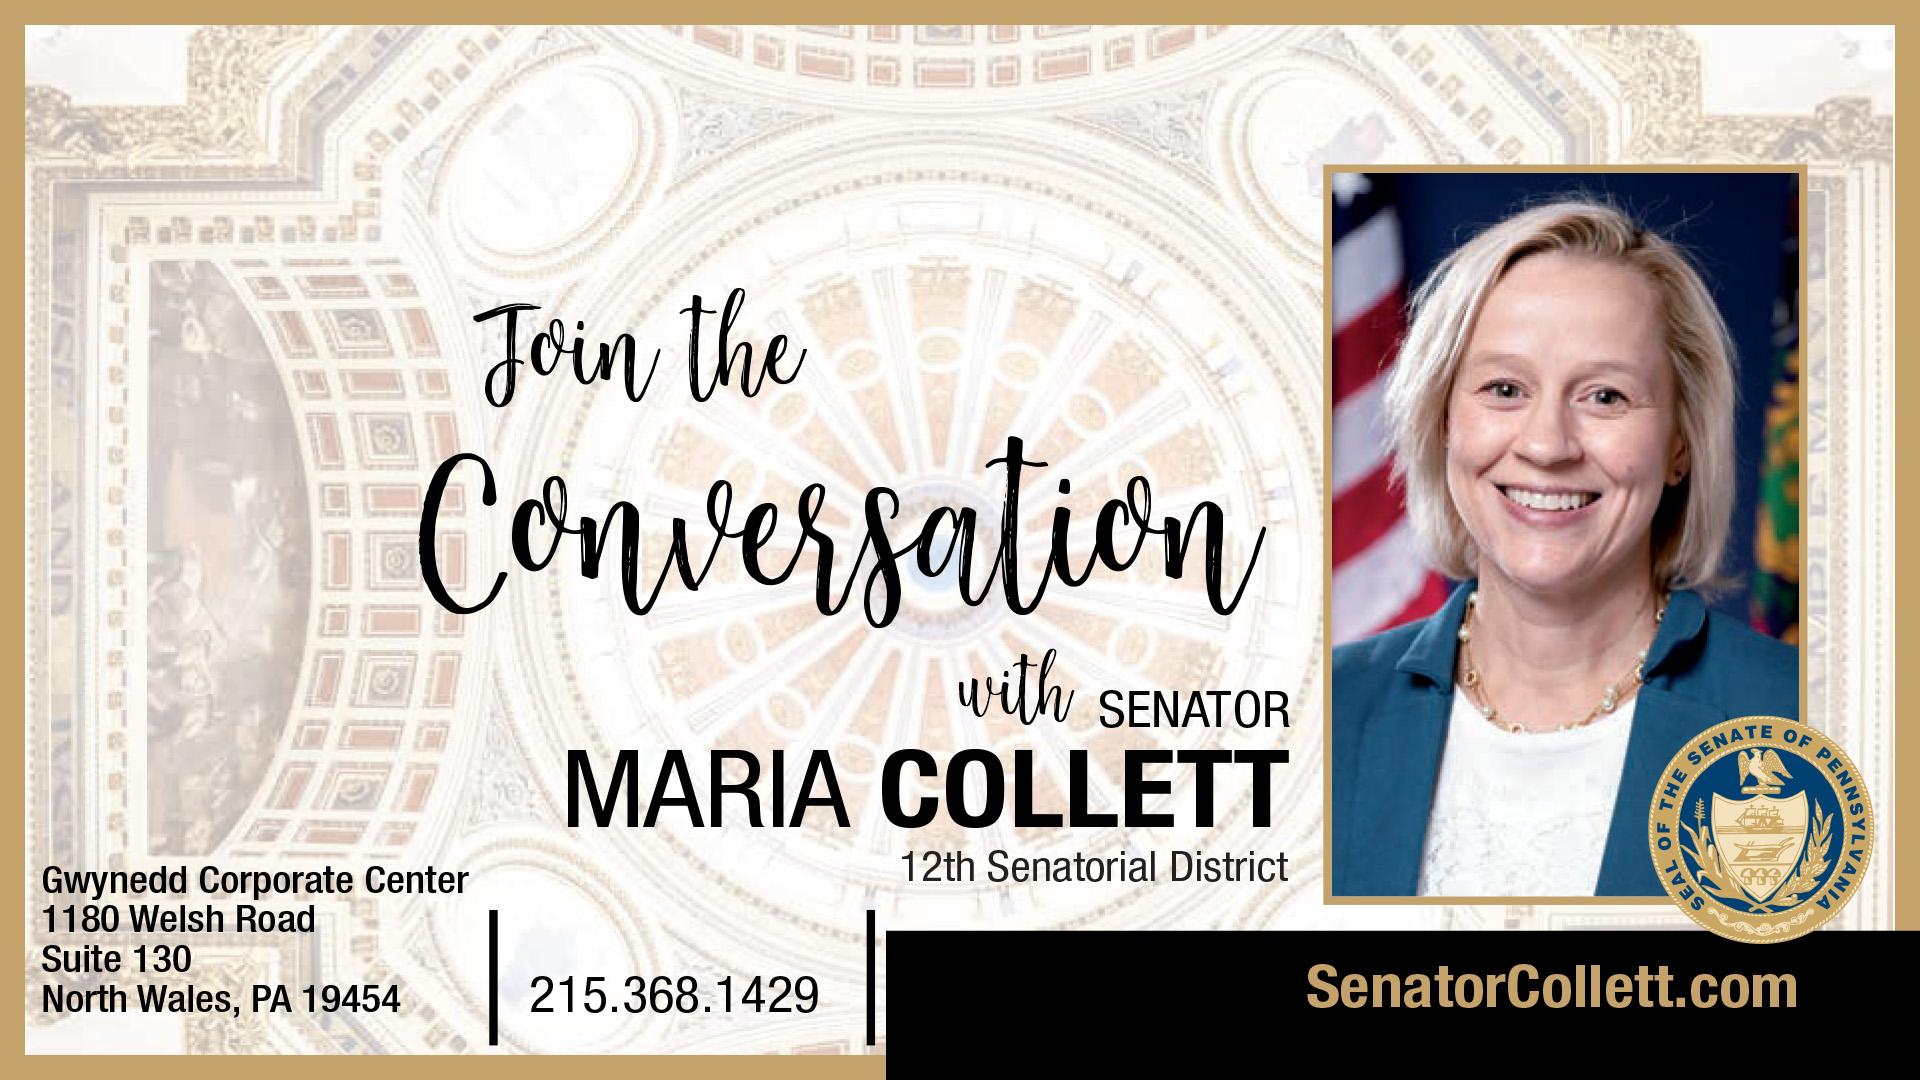 PA State Senator Maria Collett